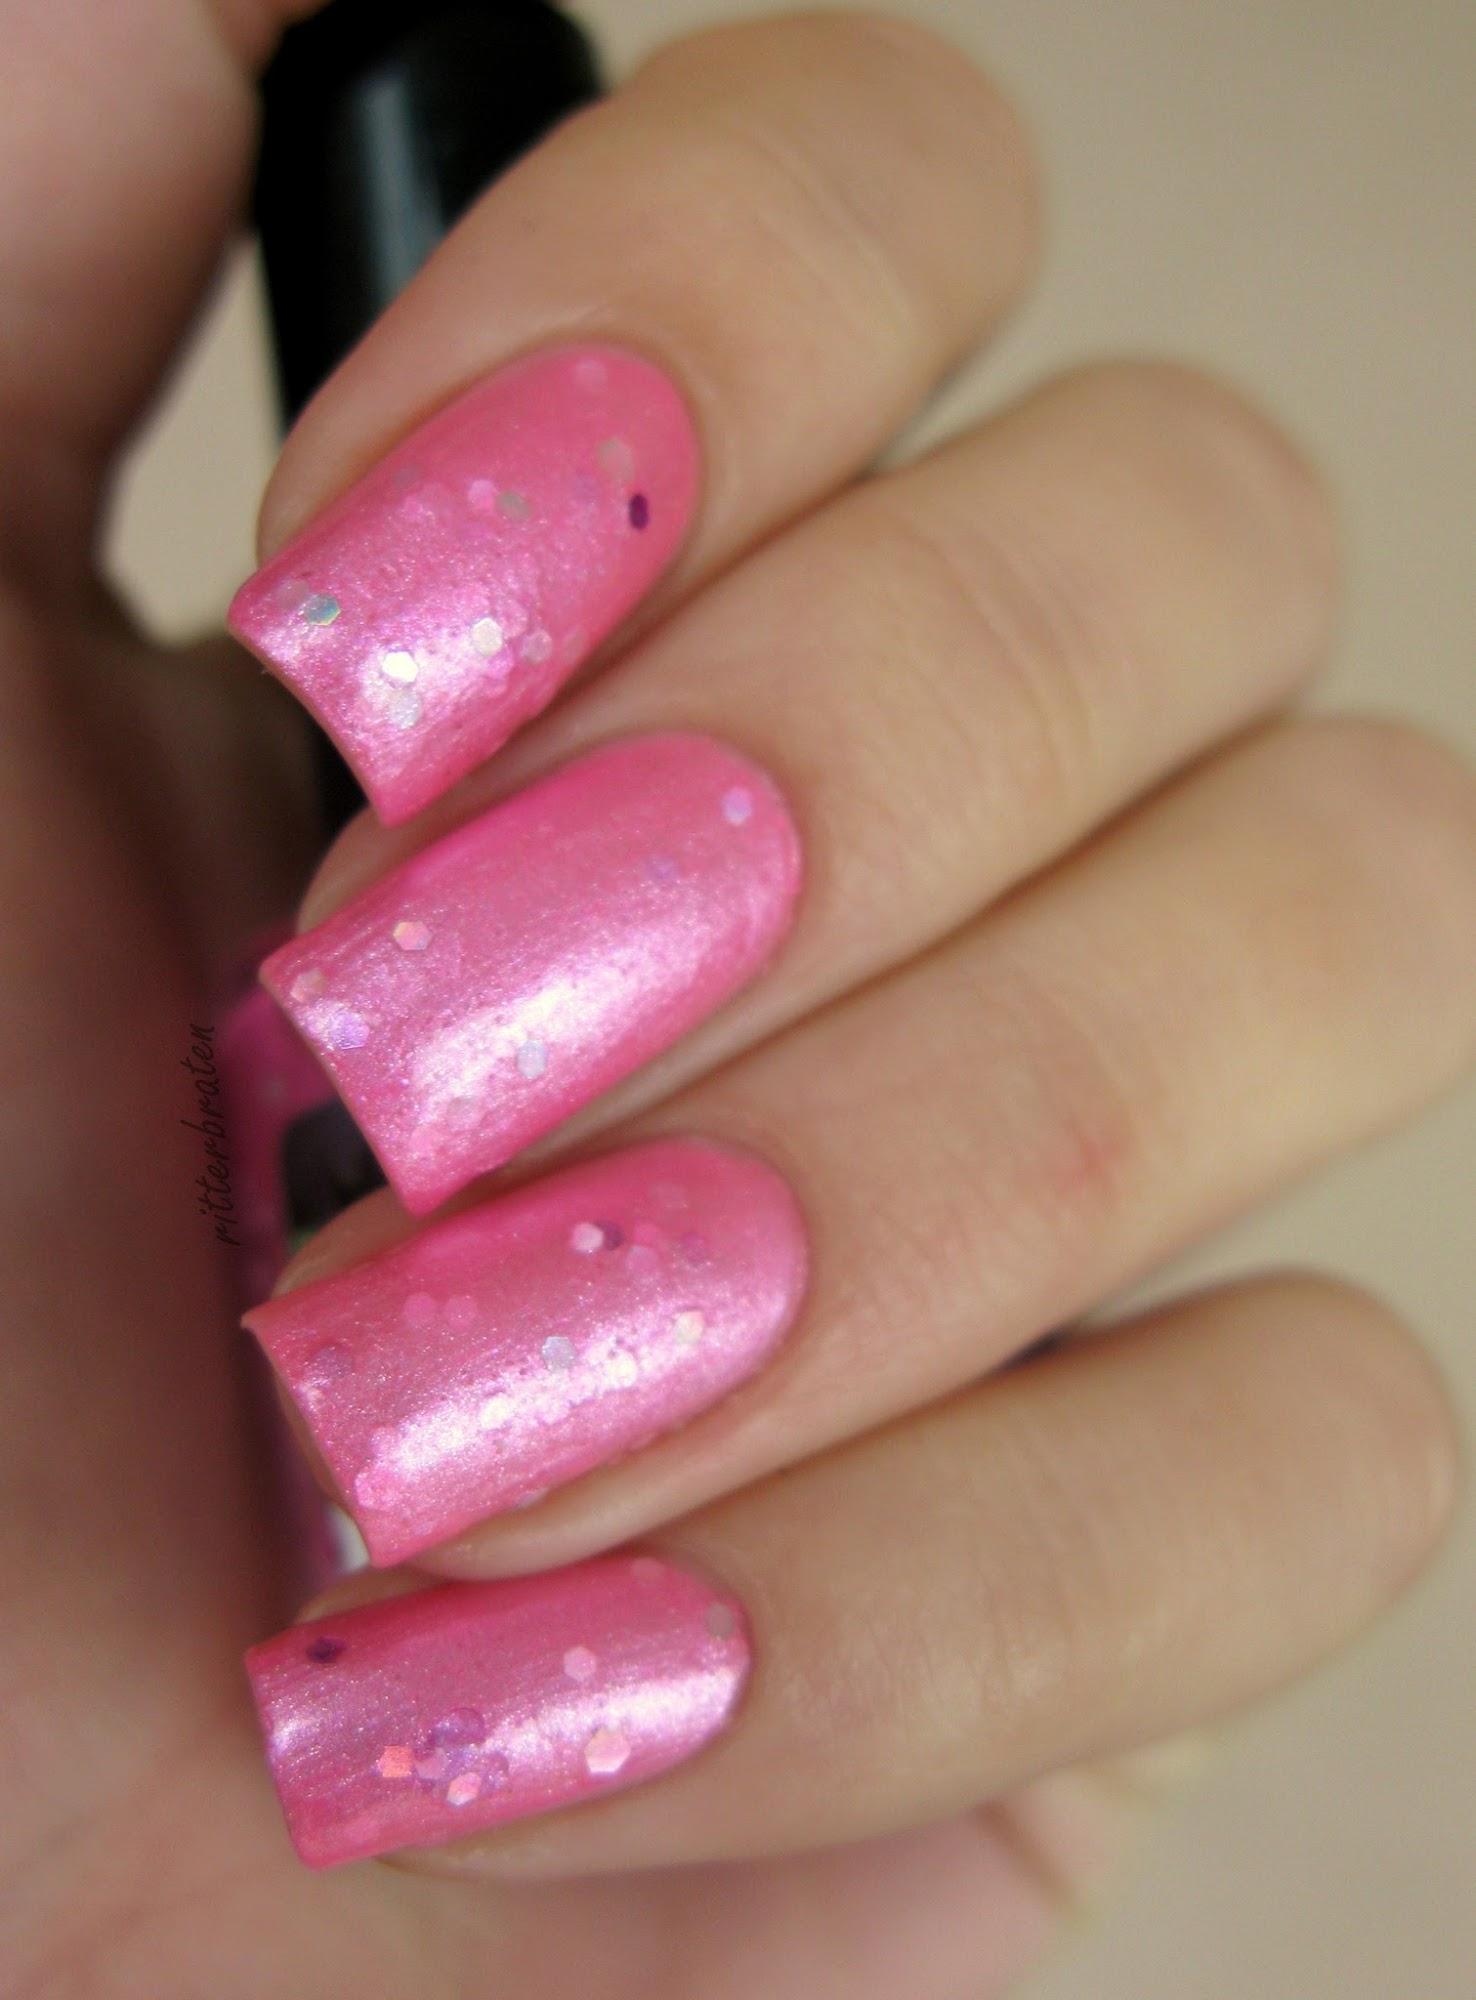 Kaffeeklatsch nail polish